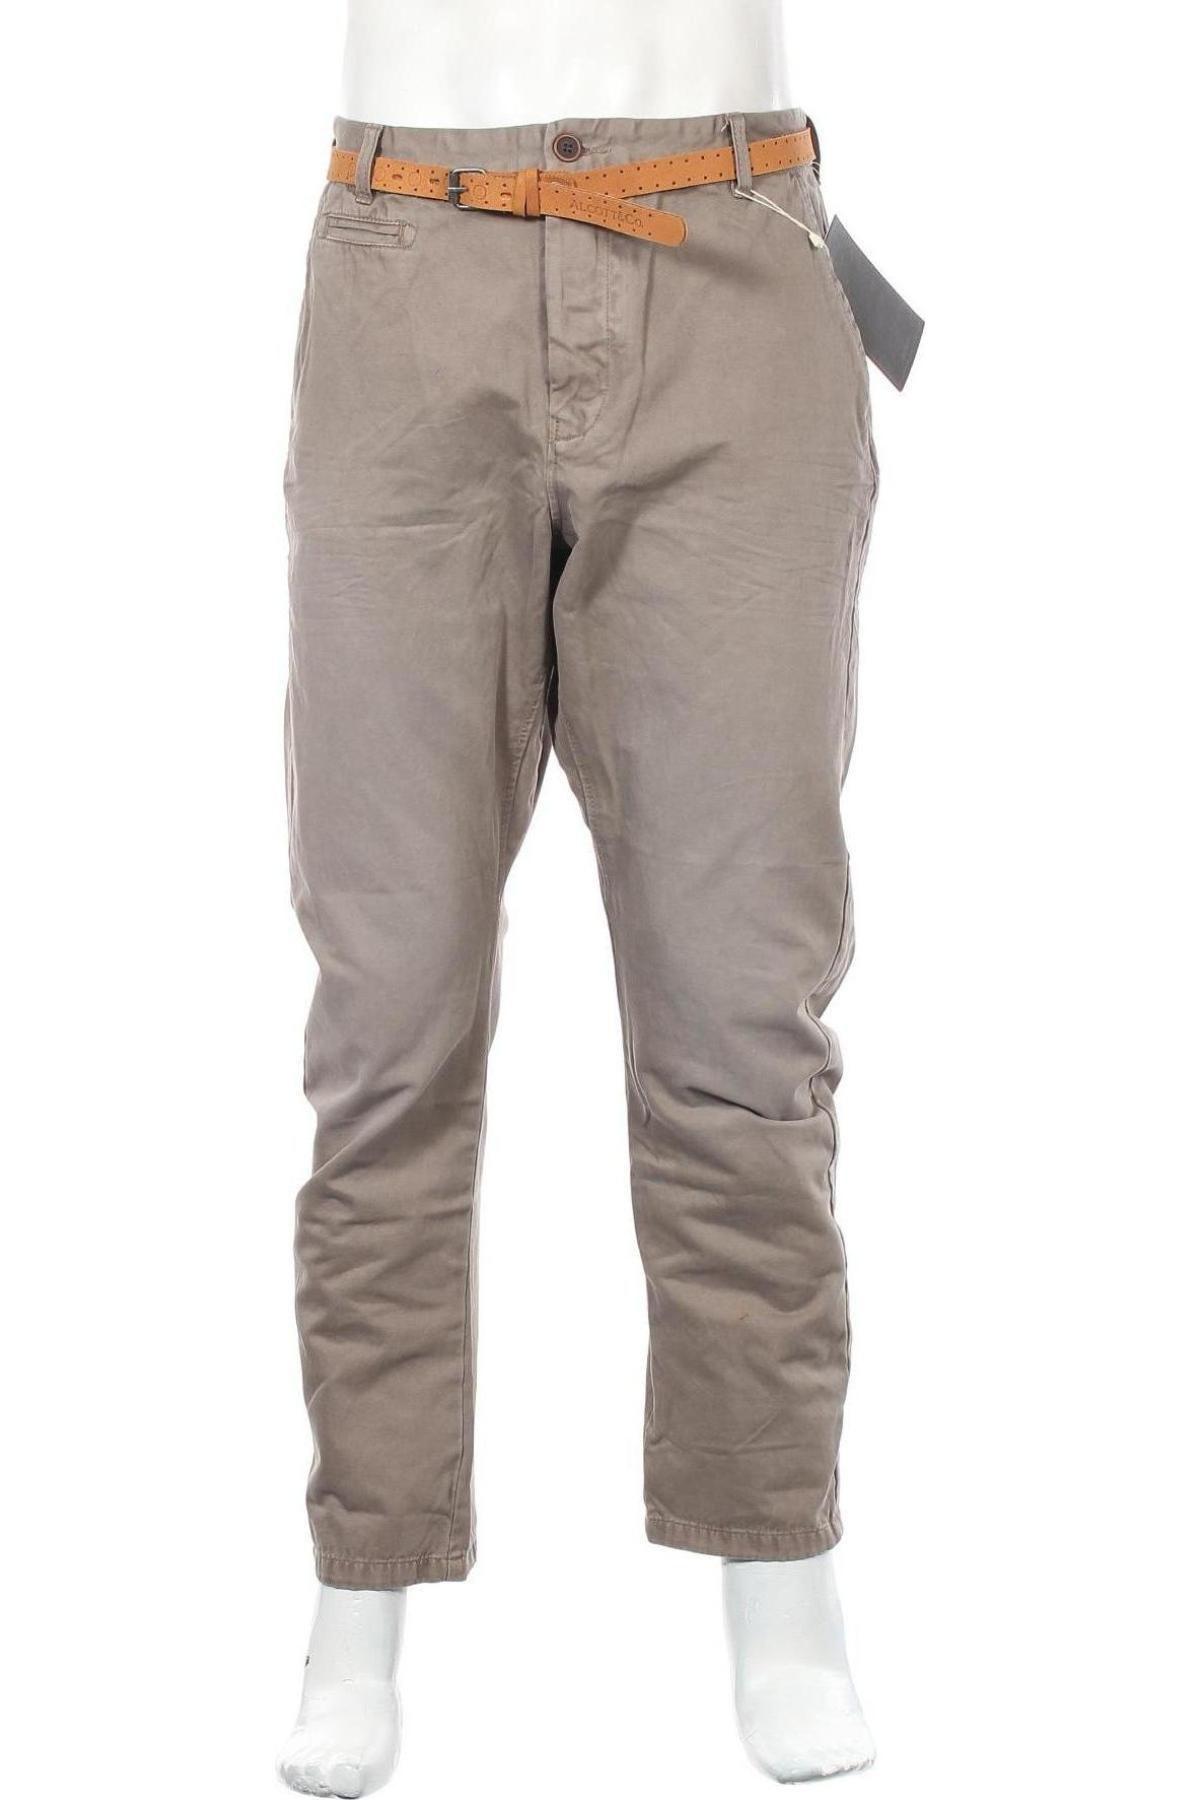 Ανδρικό παντελόνι Alcott, Μέγεθος XL, Χρώμα Καφέ, Βαμβάκι, Τιμή 20,10€